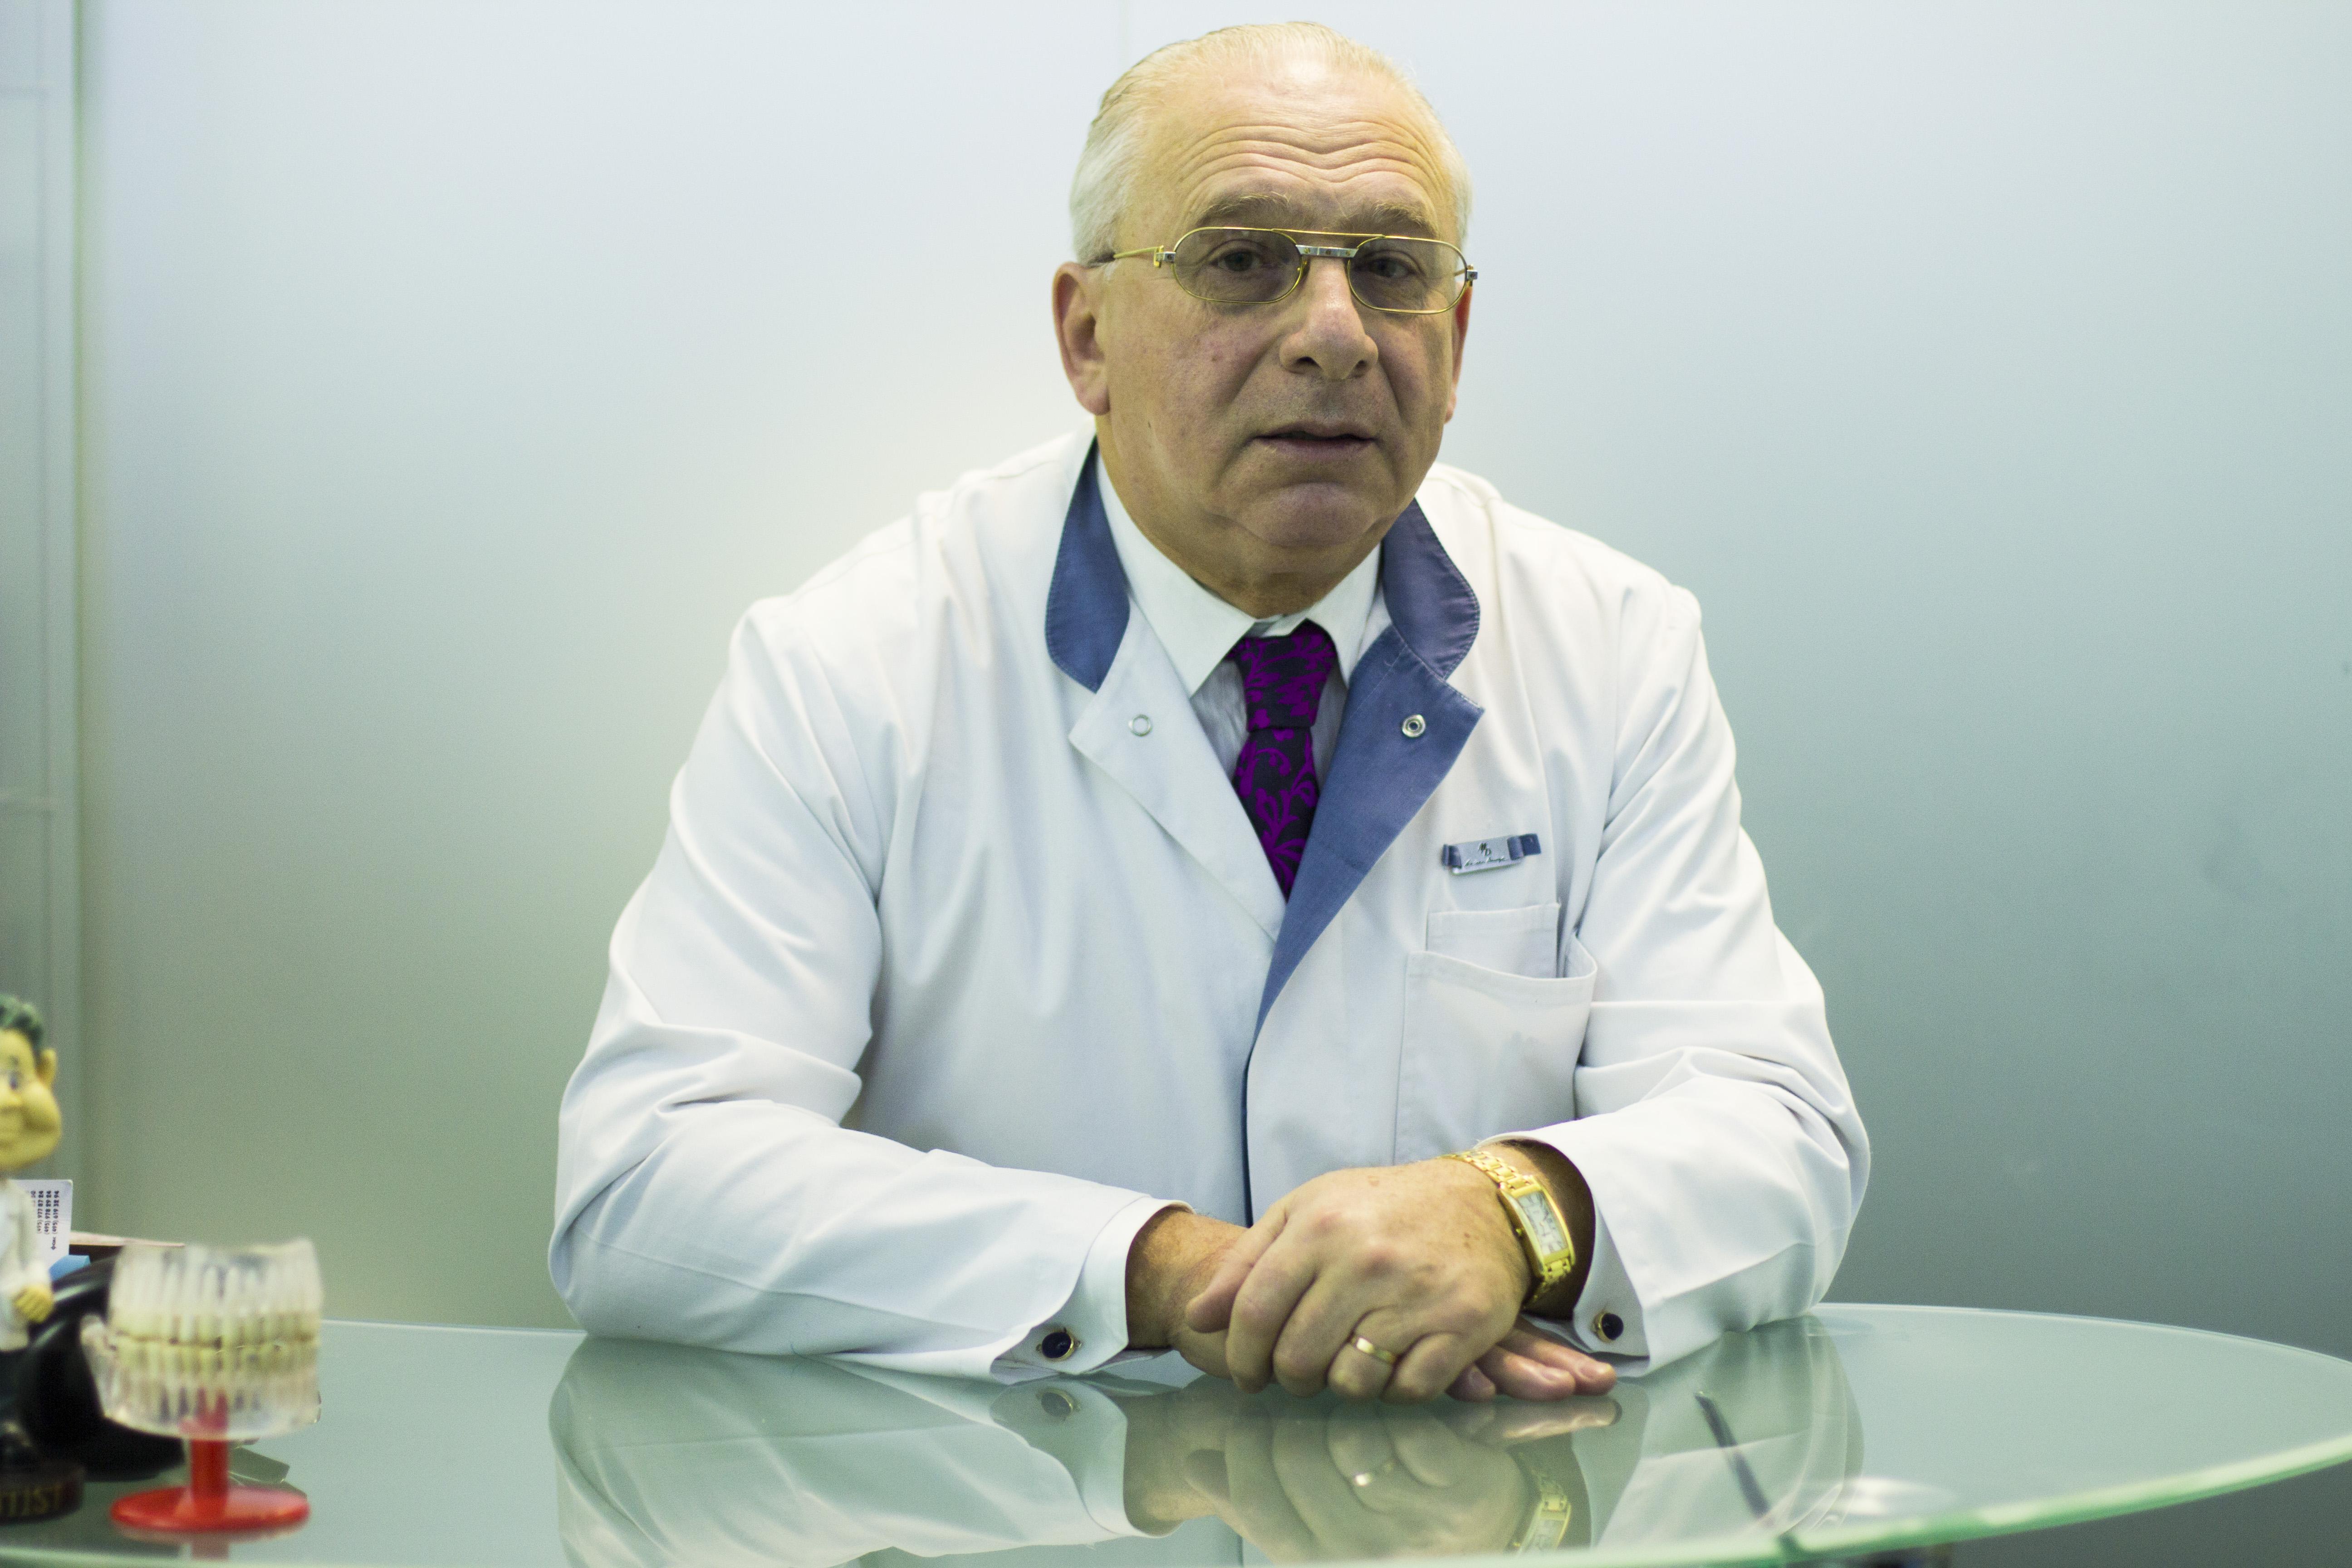 стоматолог шаргородский геннадий маркович отзывы можно использовать